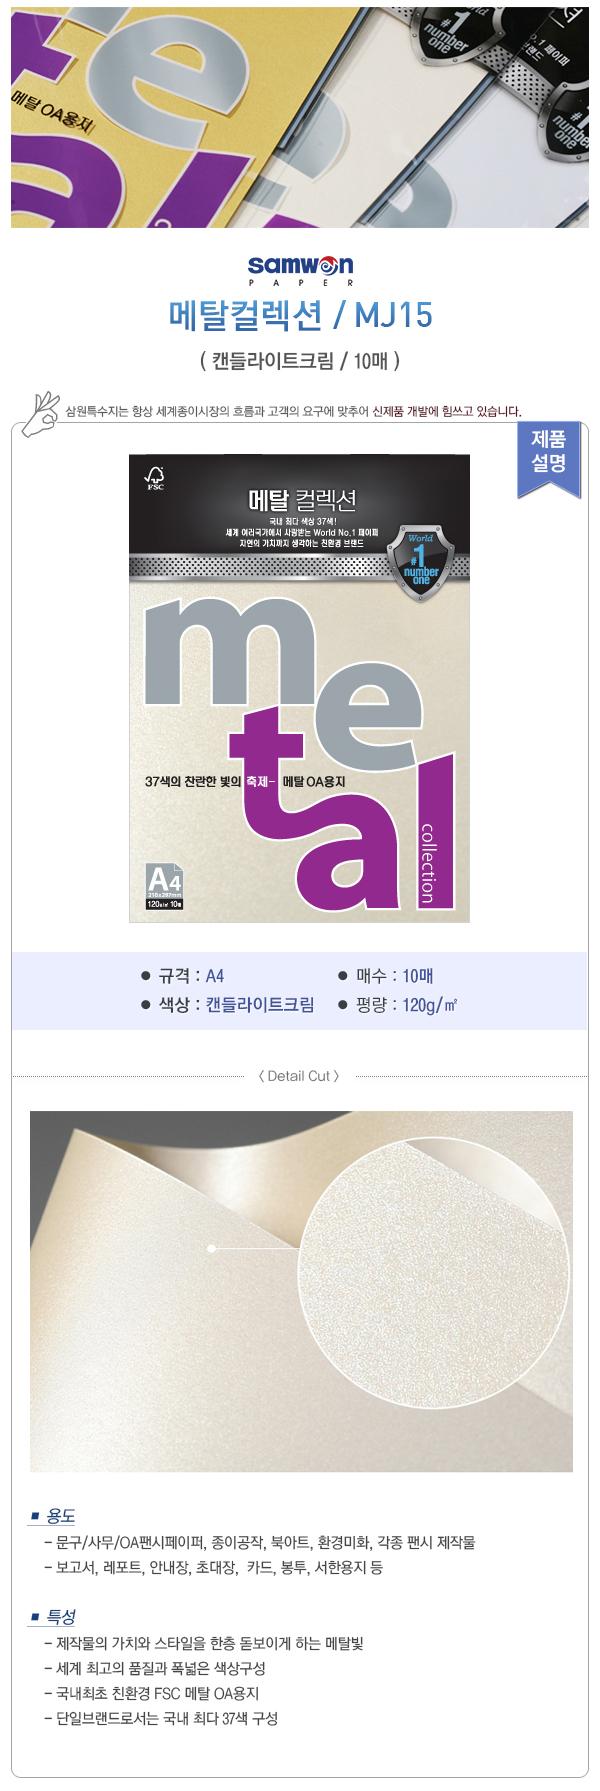 메탈컬렉션(MJ15/캔들라이트크림/120g/A4/삼원) - 오피스디포, 1,400원, 복사용지/전용지, 컬러복사용지